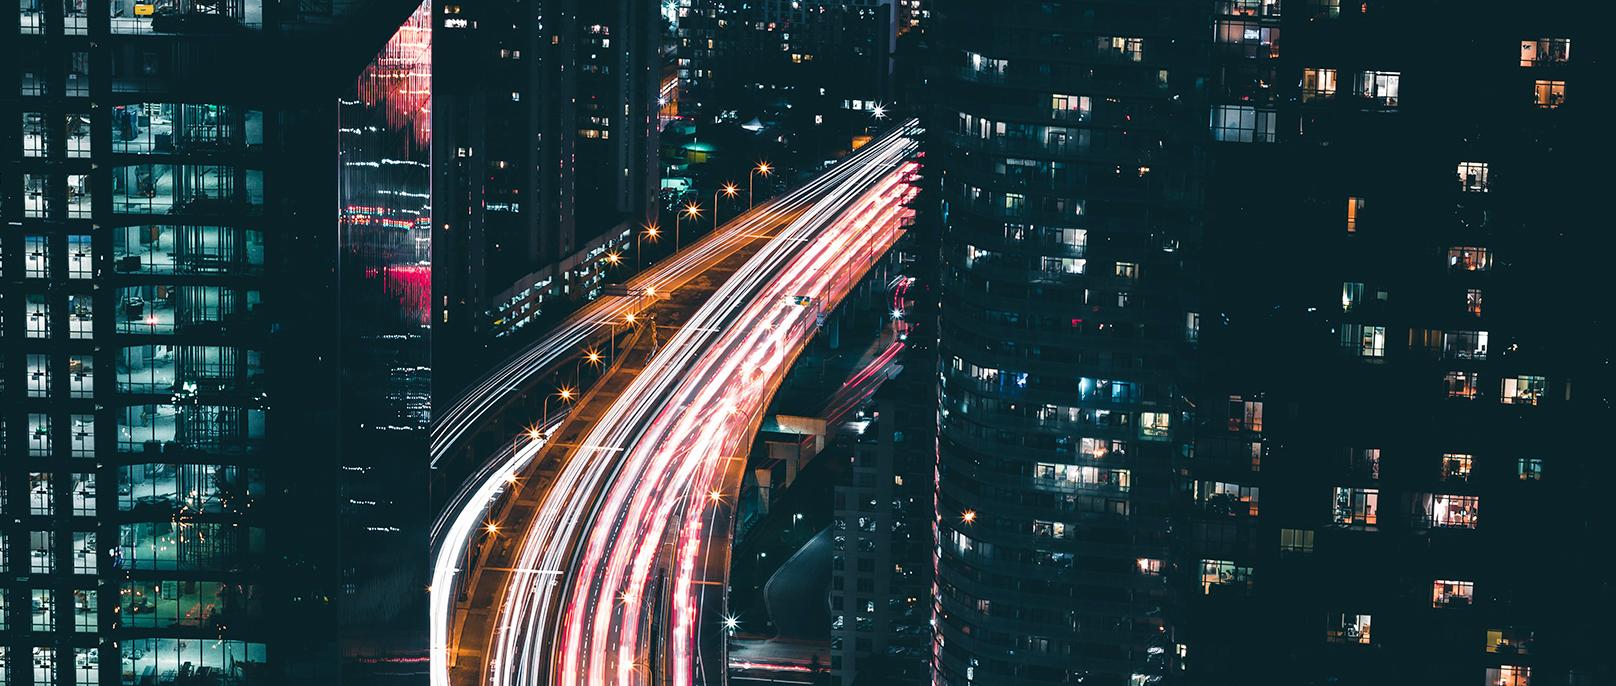 lumières représentants les flux de données